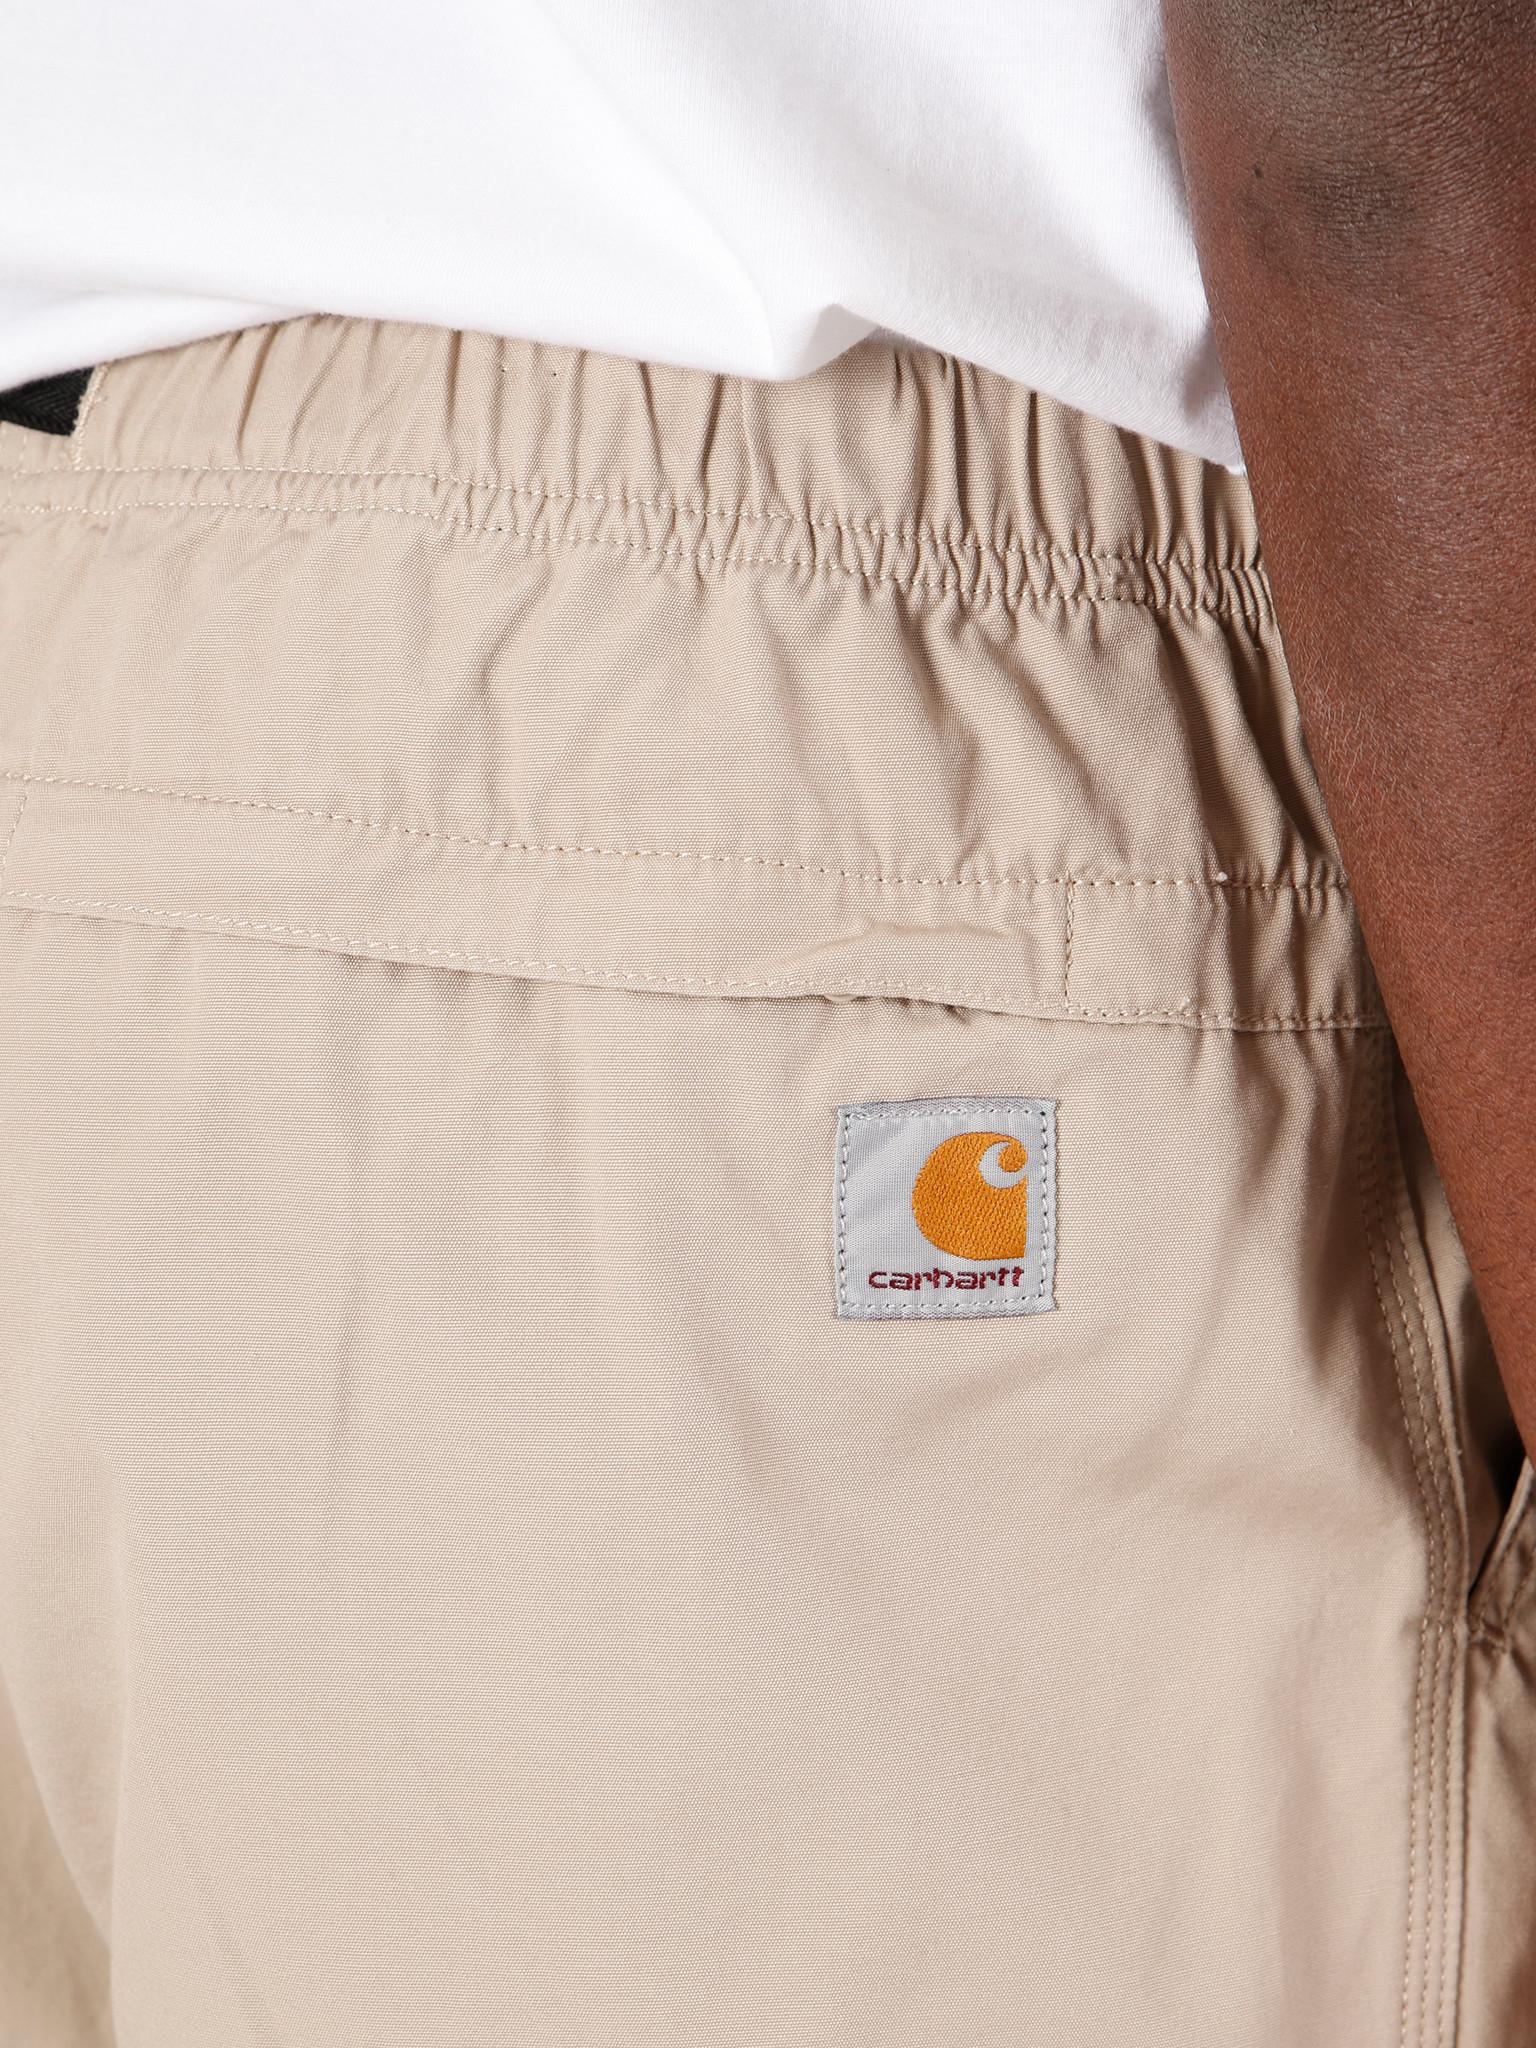 Carhartt WIP Carhartt WIP Clover Short Wall Rinsed I025931-G102